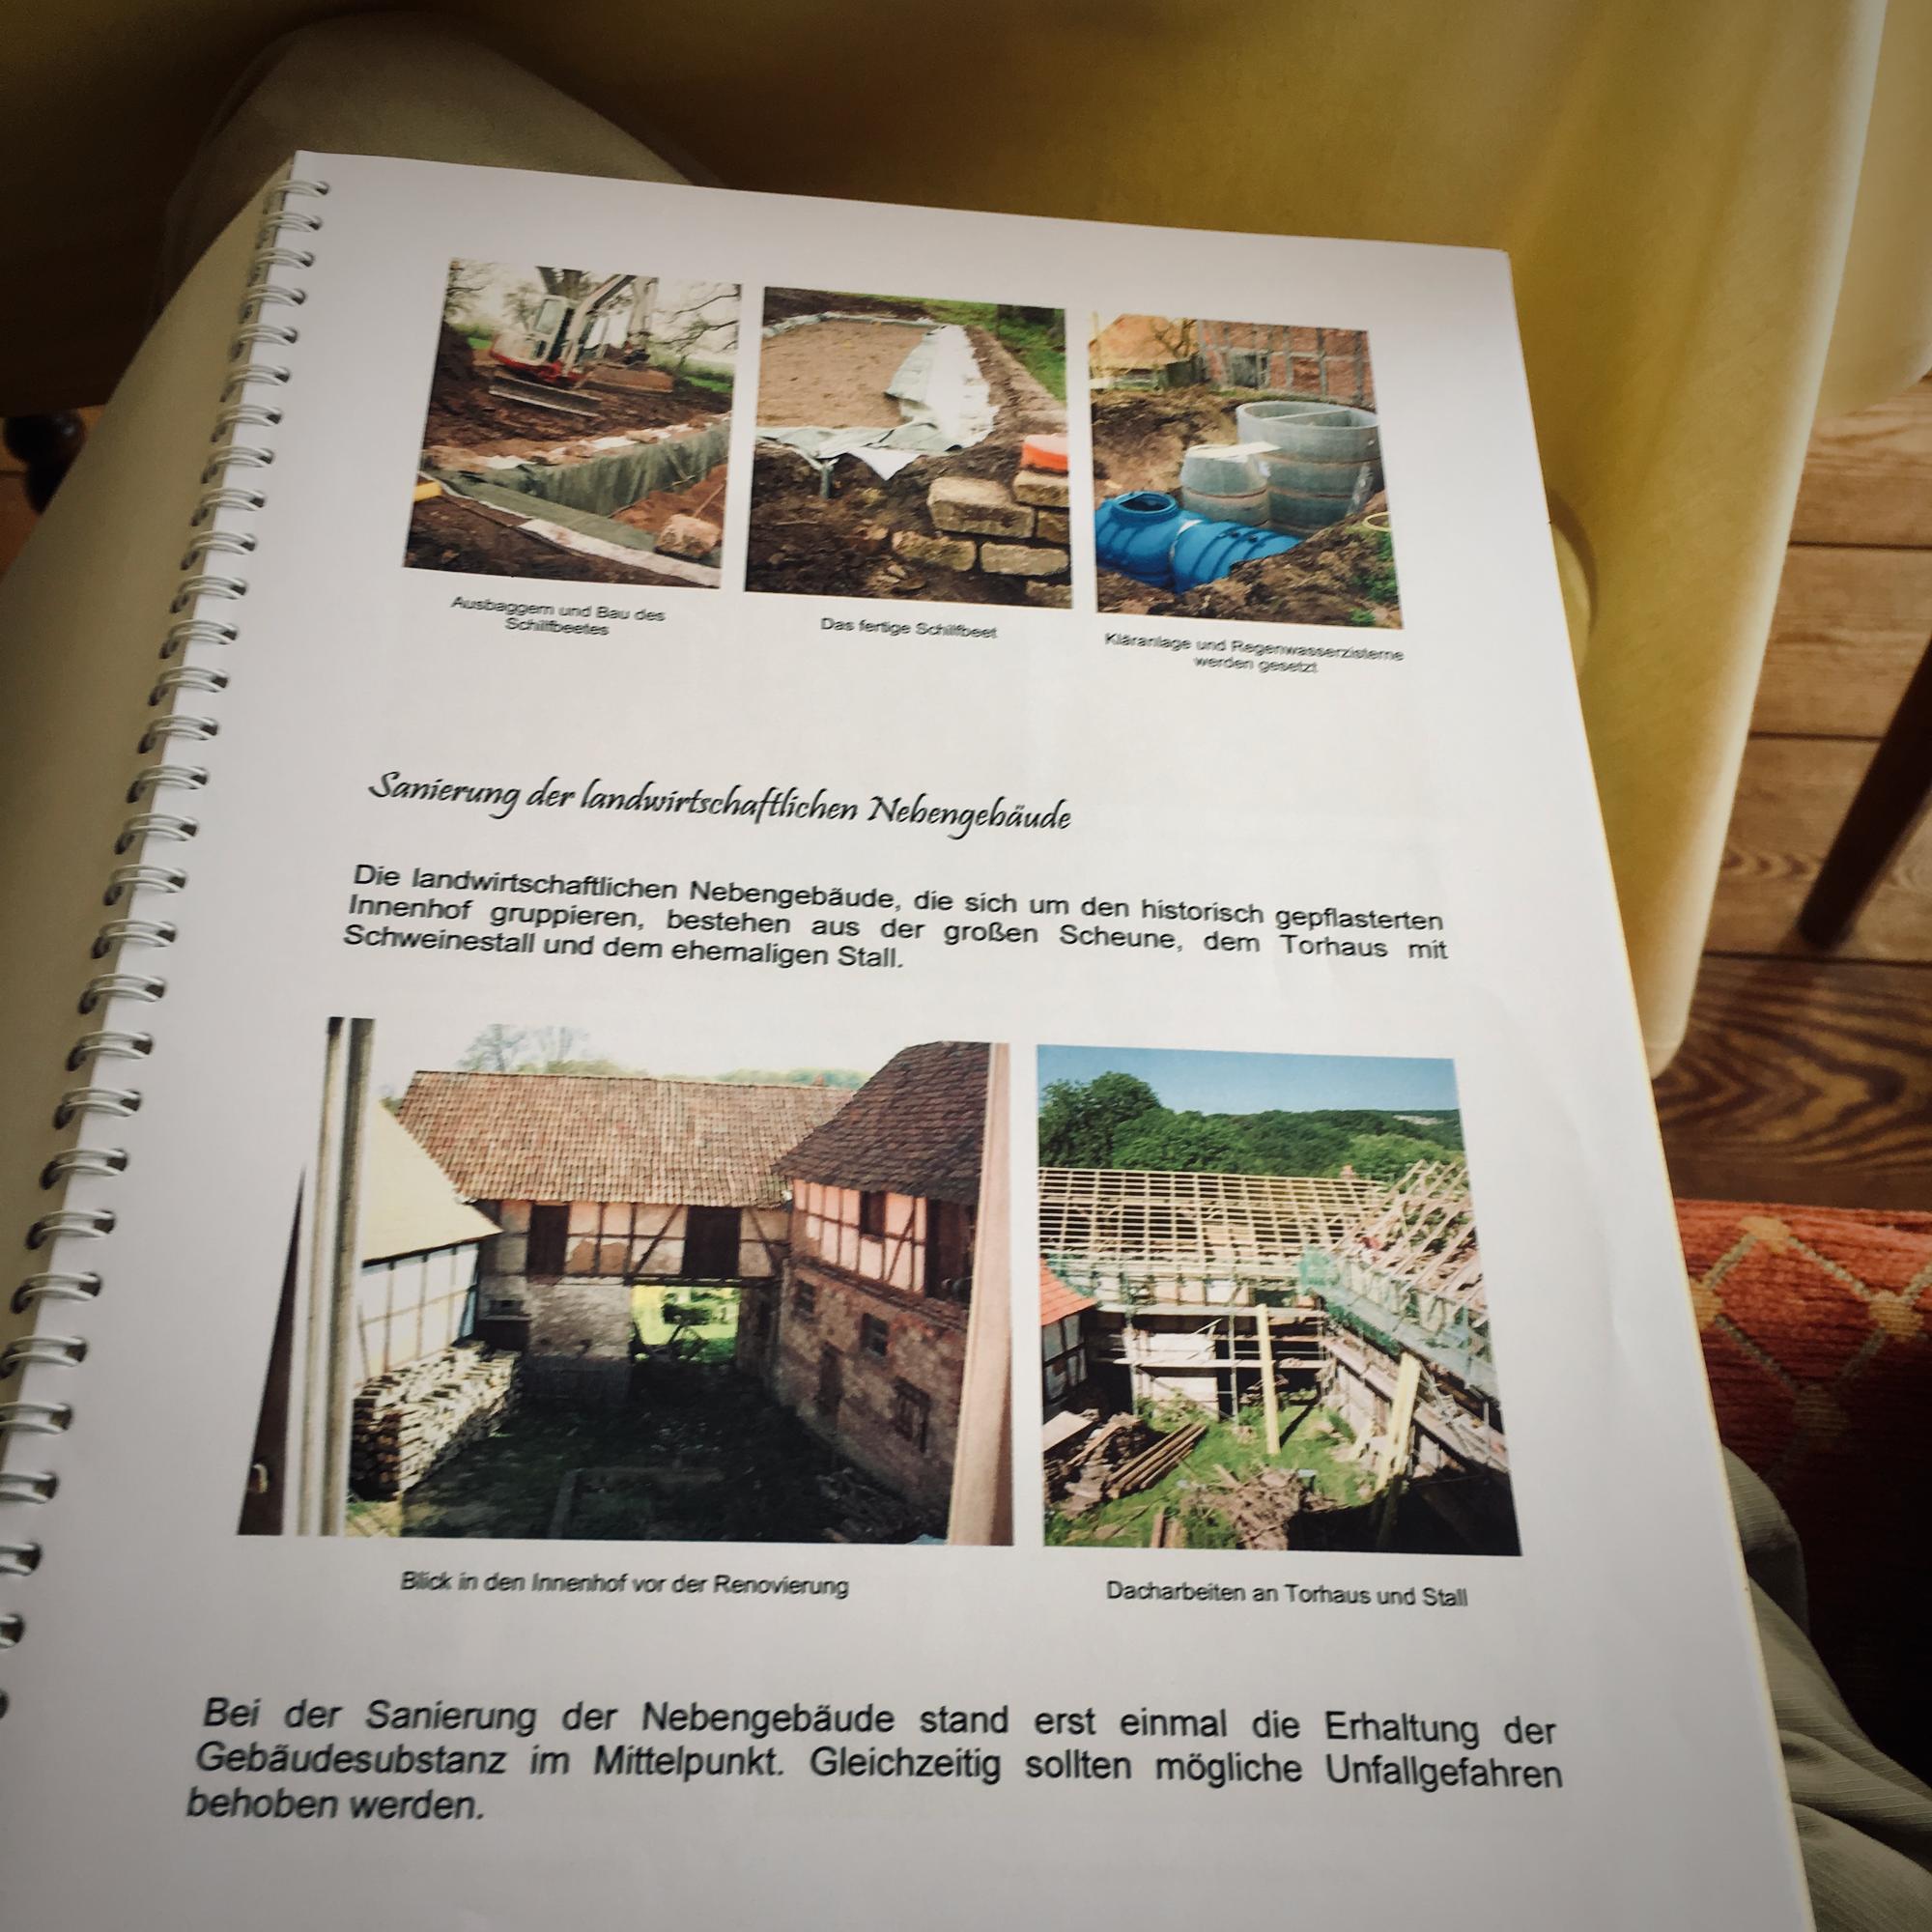 Das Umbautagebuch von Kristina Bauer